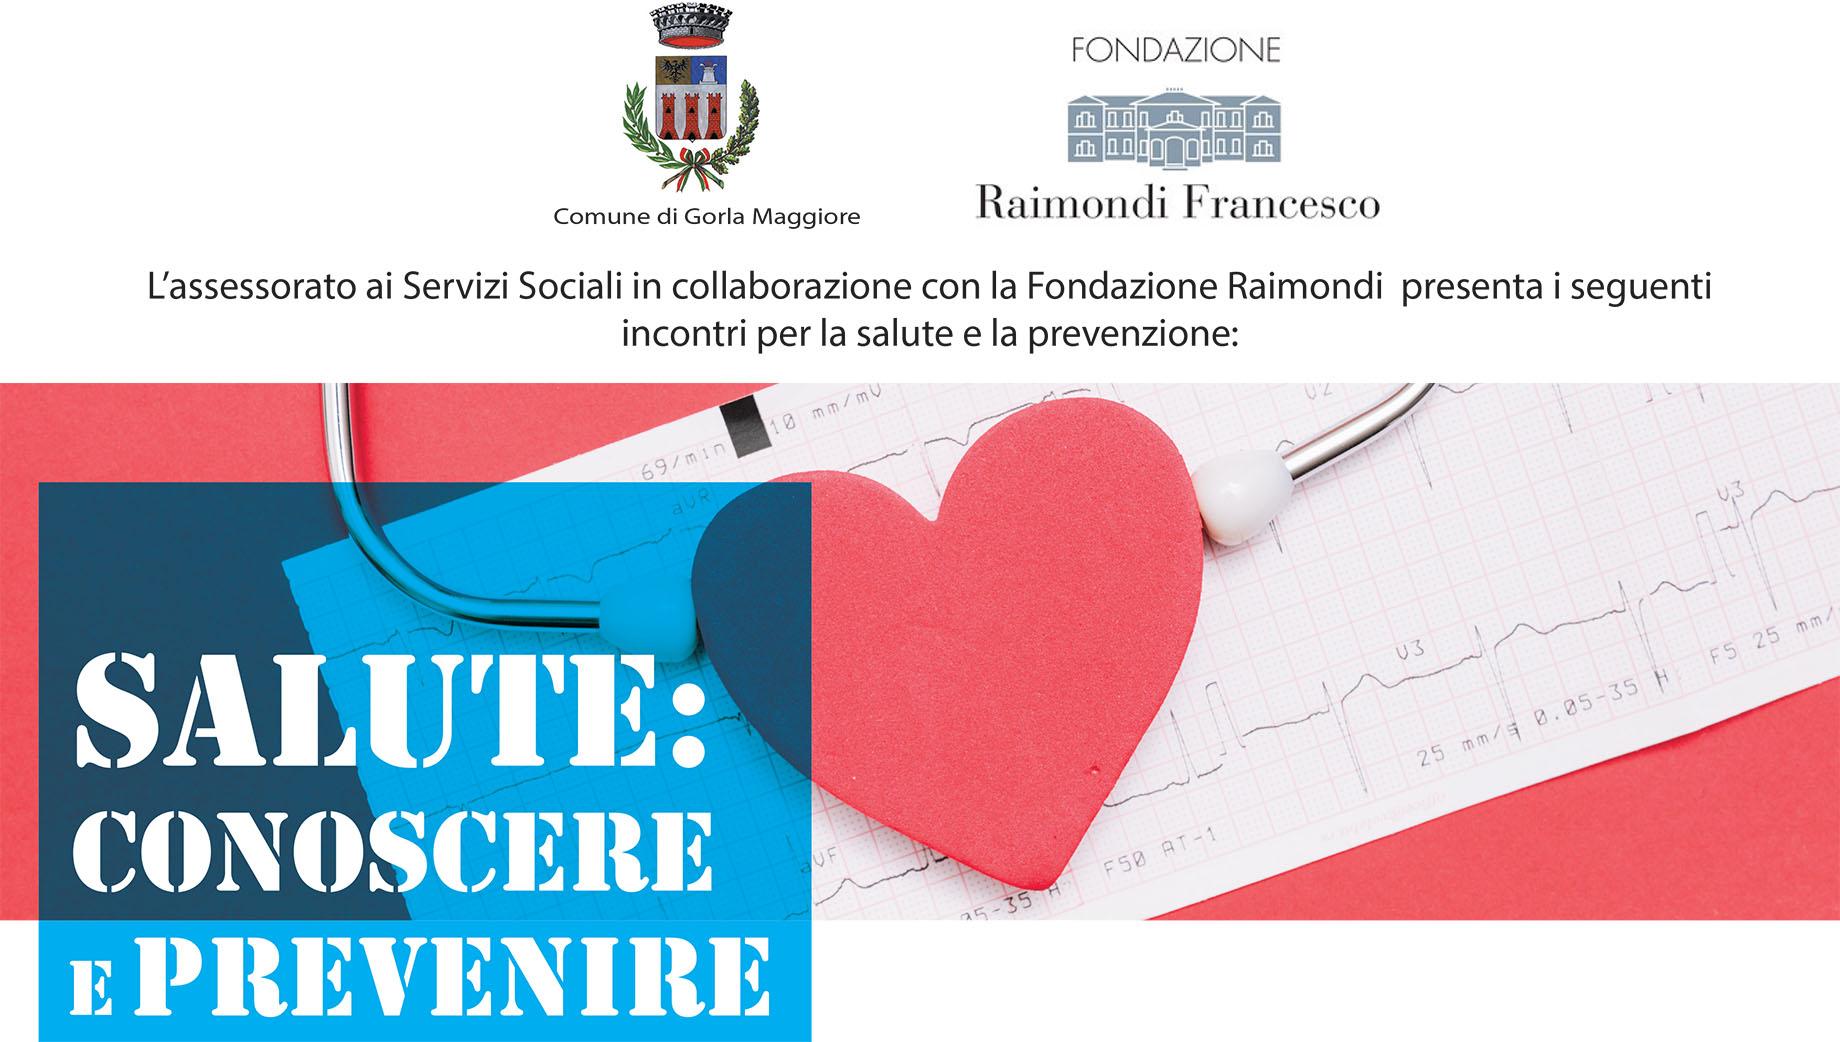 http://fondazioneraimondi.it/wp/wp-content/uploads/2018/10/conoscere-e-prevenire.jpg